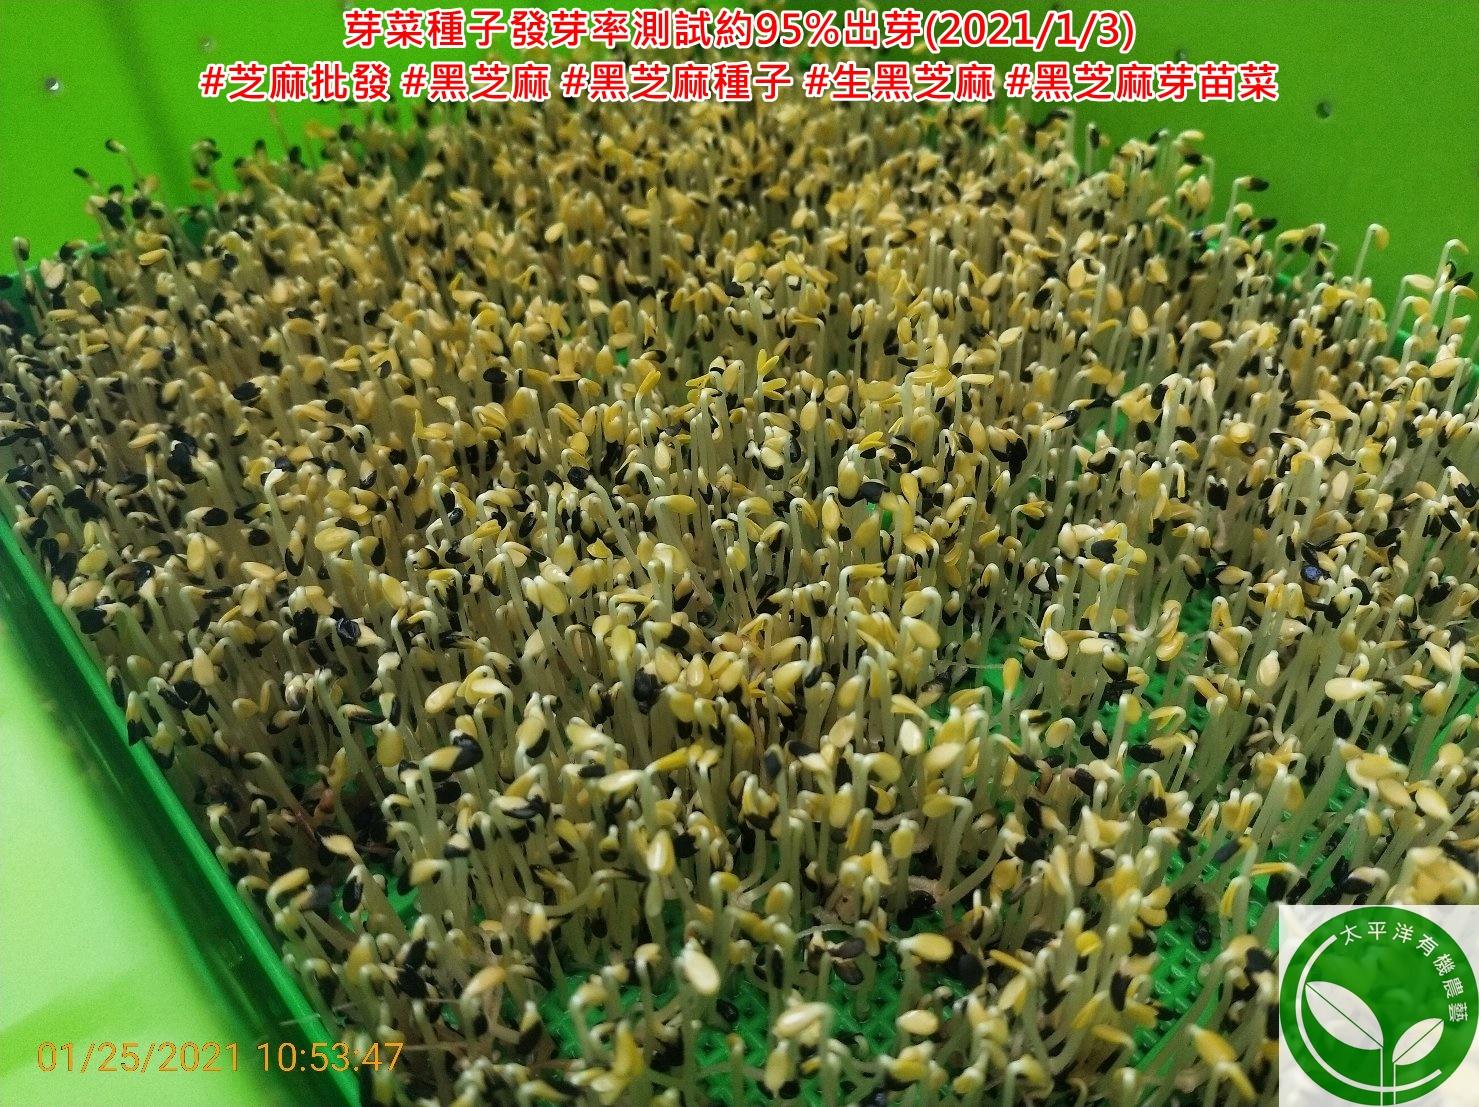 芝麻,黑芝麻批發商,台灣黑芝麻價格,黑芝麻的功效,黑芝麻,黑芝麻食用量,芝麻功效與禁忌,黑芝麻豆漿,黑芝麻粒,小農黑芝麻